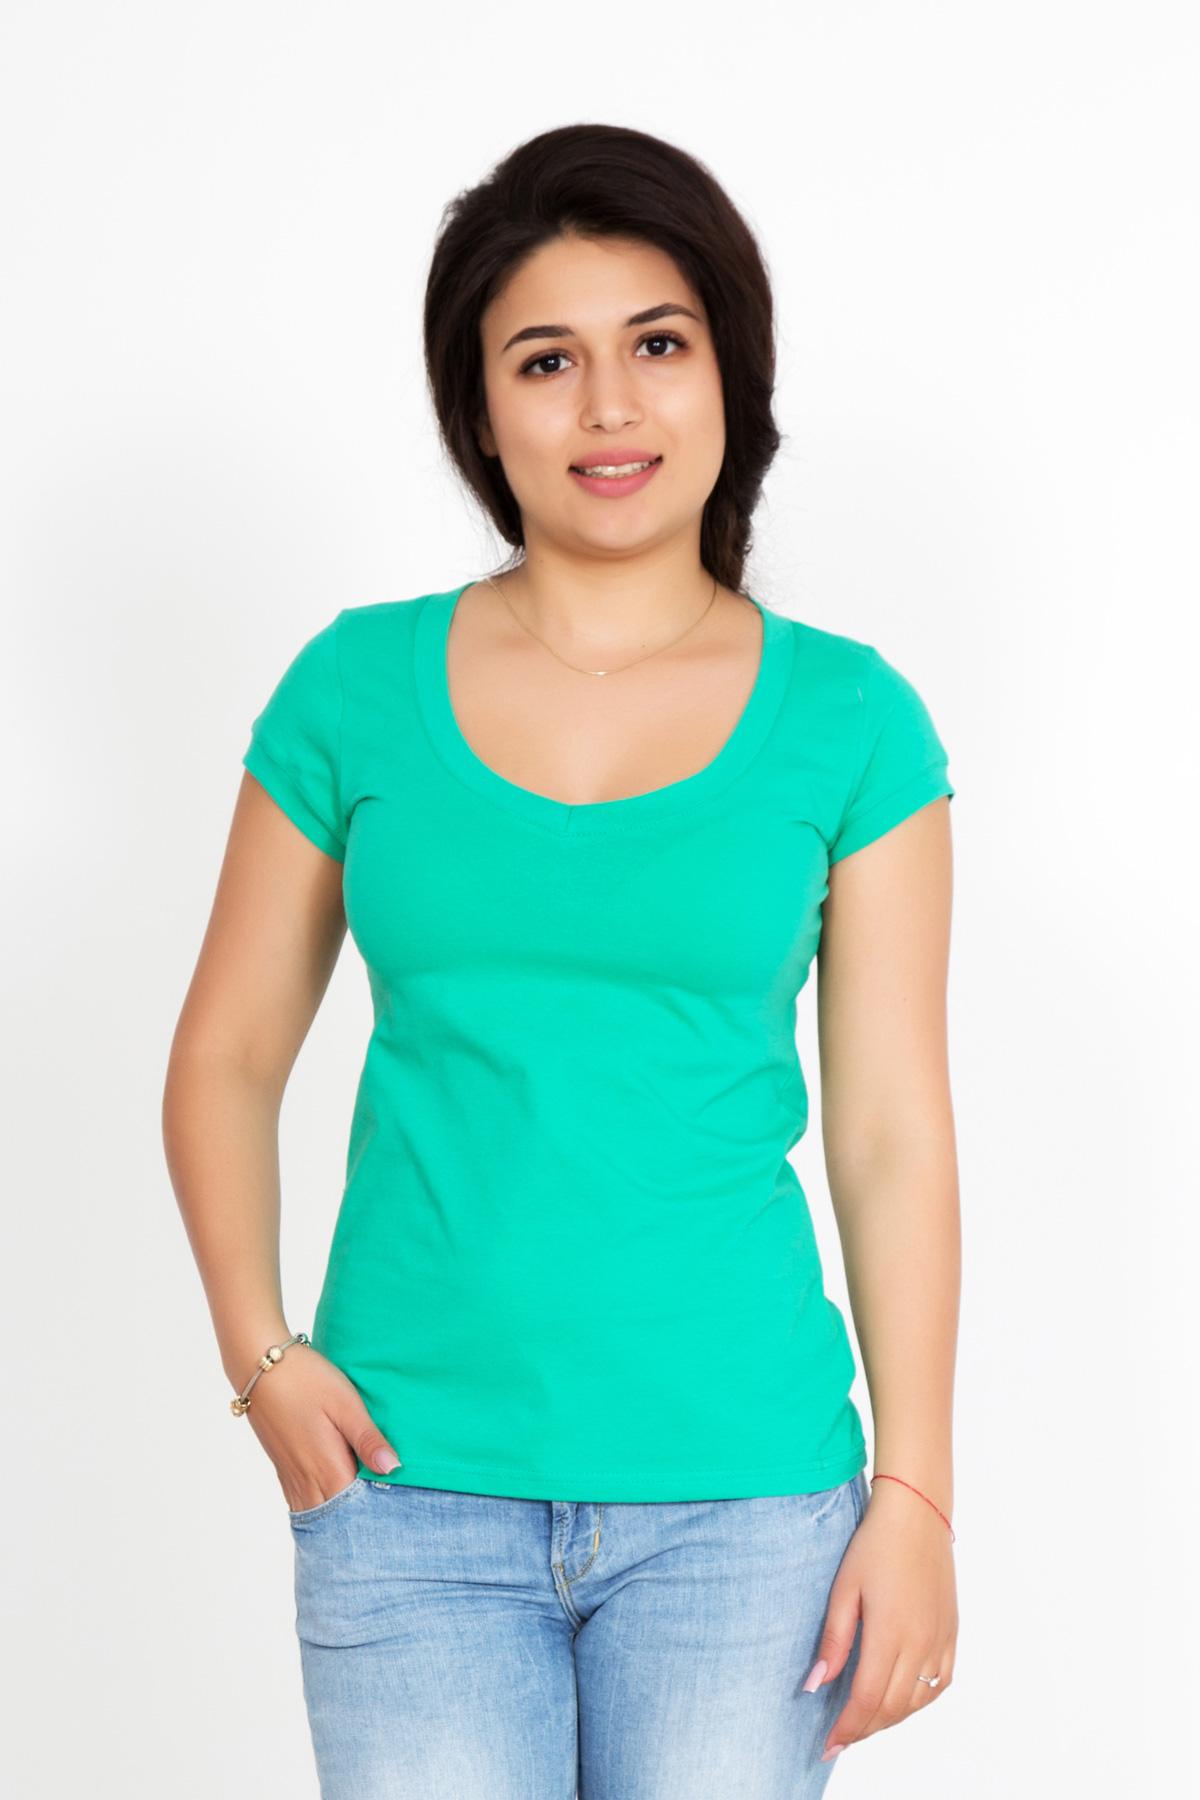 Жен. футболка Лиза Ментоловый р. 46Майки и футболки<br>Факт. ОГ: 78 см <br>Факт. ОТ: 78 см <br>Факт. ОБ: 86 см <br>Длина по спинке: 59 см<br><br>Тип: Жен. футболка<br>Размер: 46<br>Материал: Фулайкра